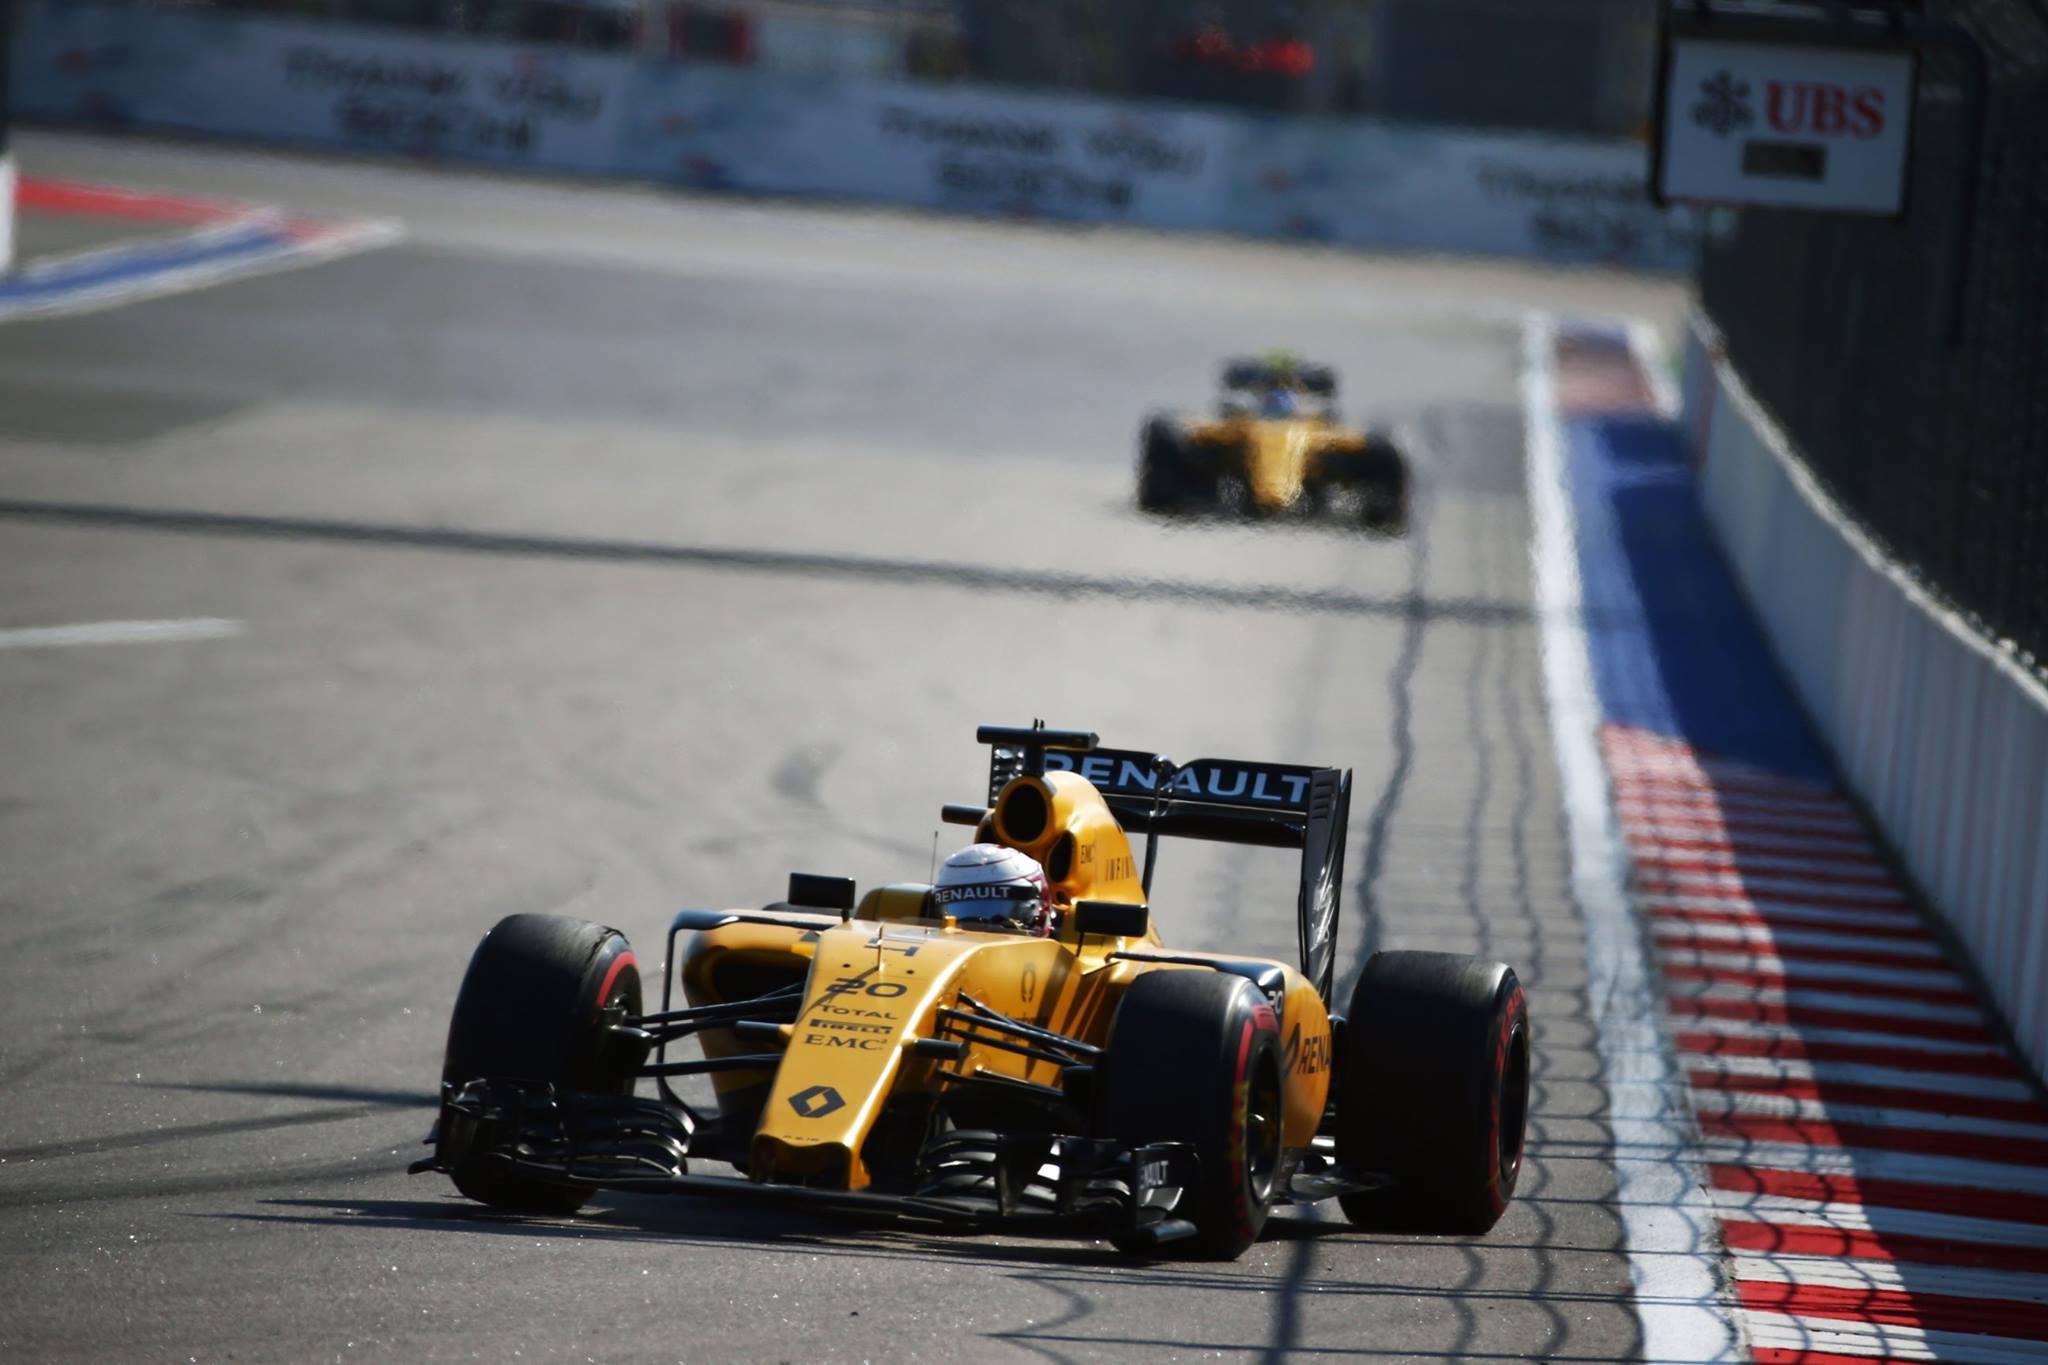 Magnussen do 17ºlugar no Grid de largada levou o seu Renault ao 7ºlugar.